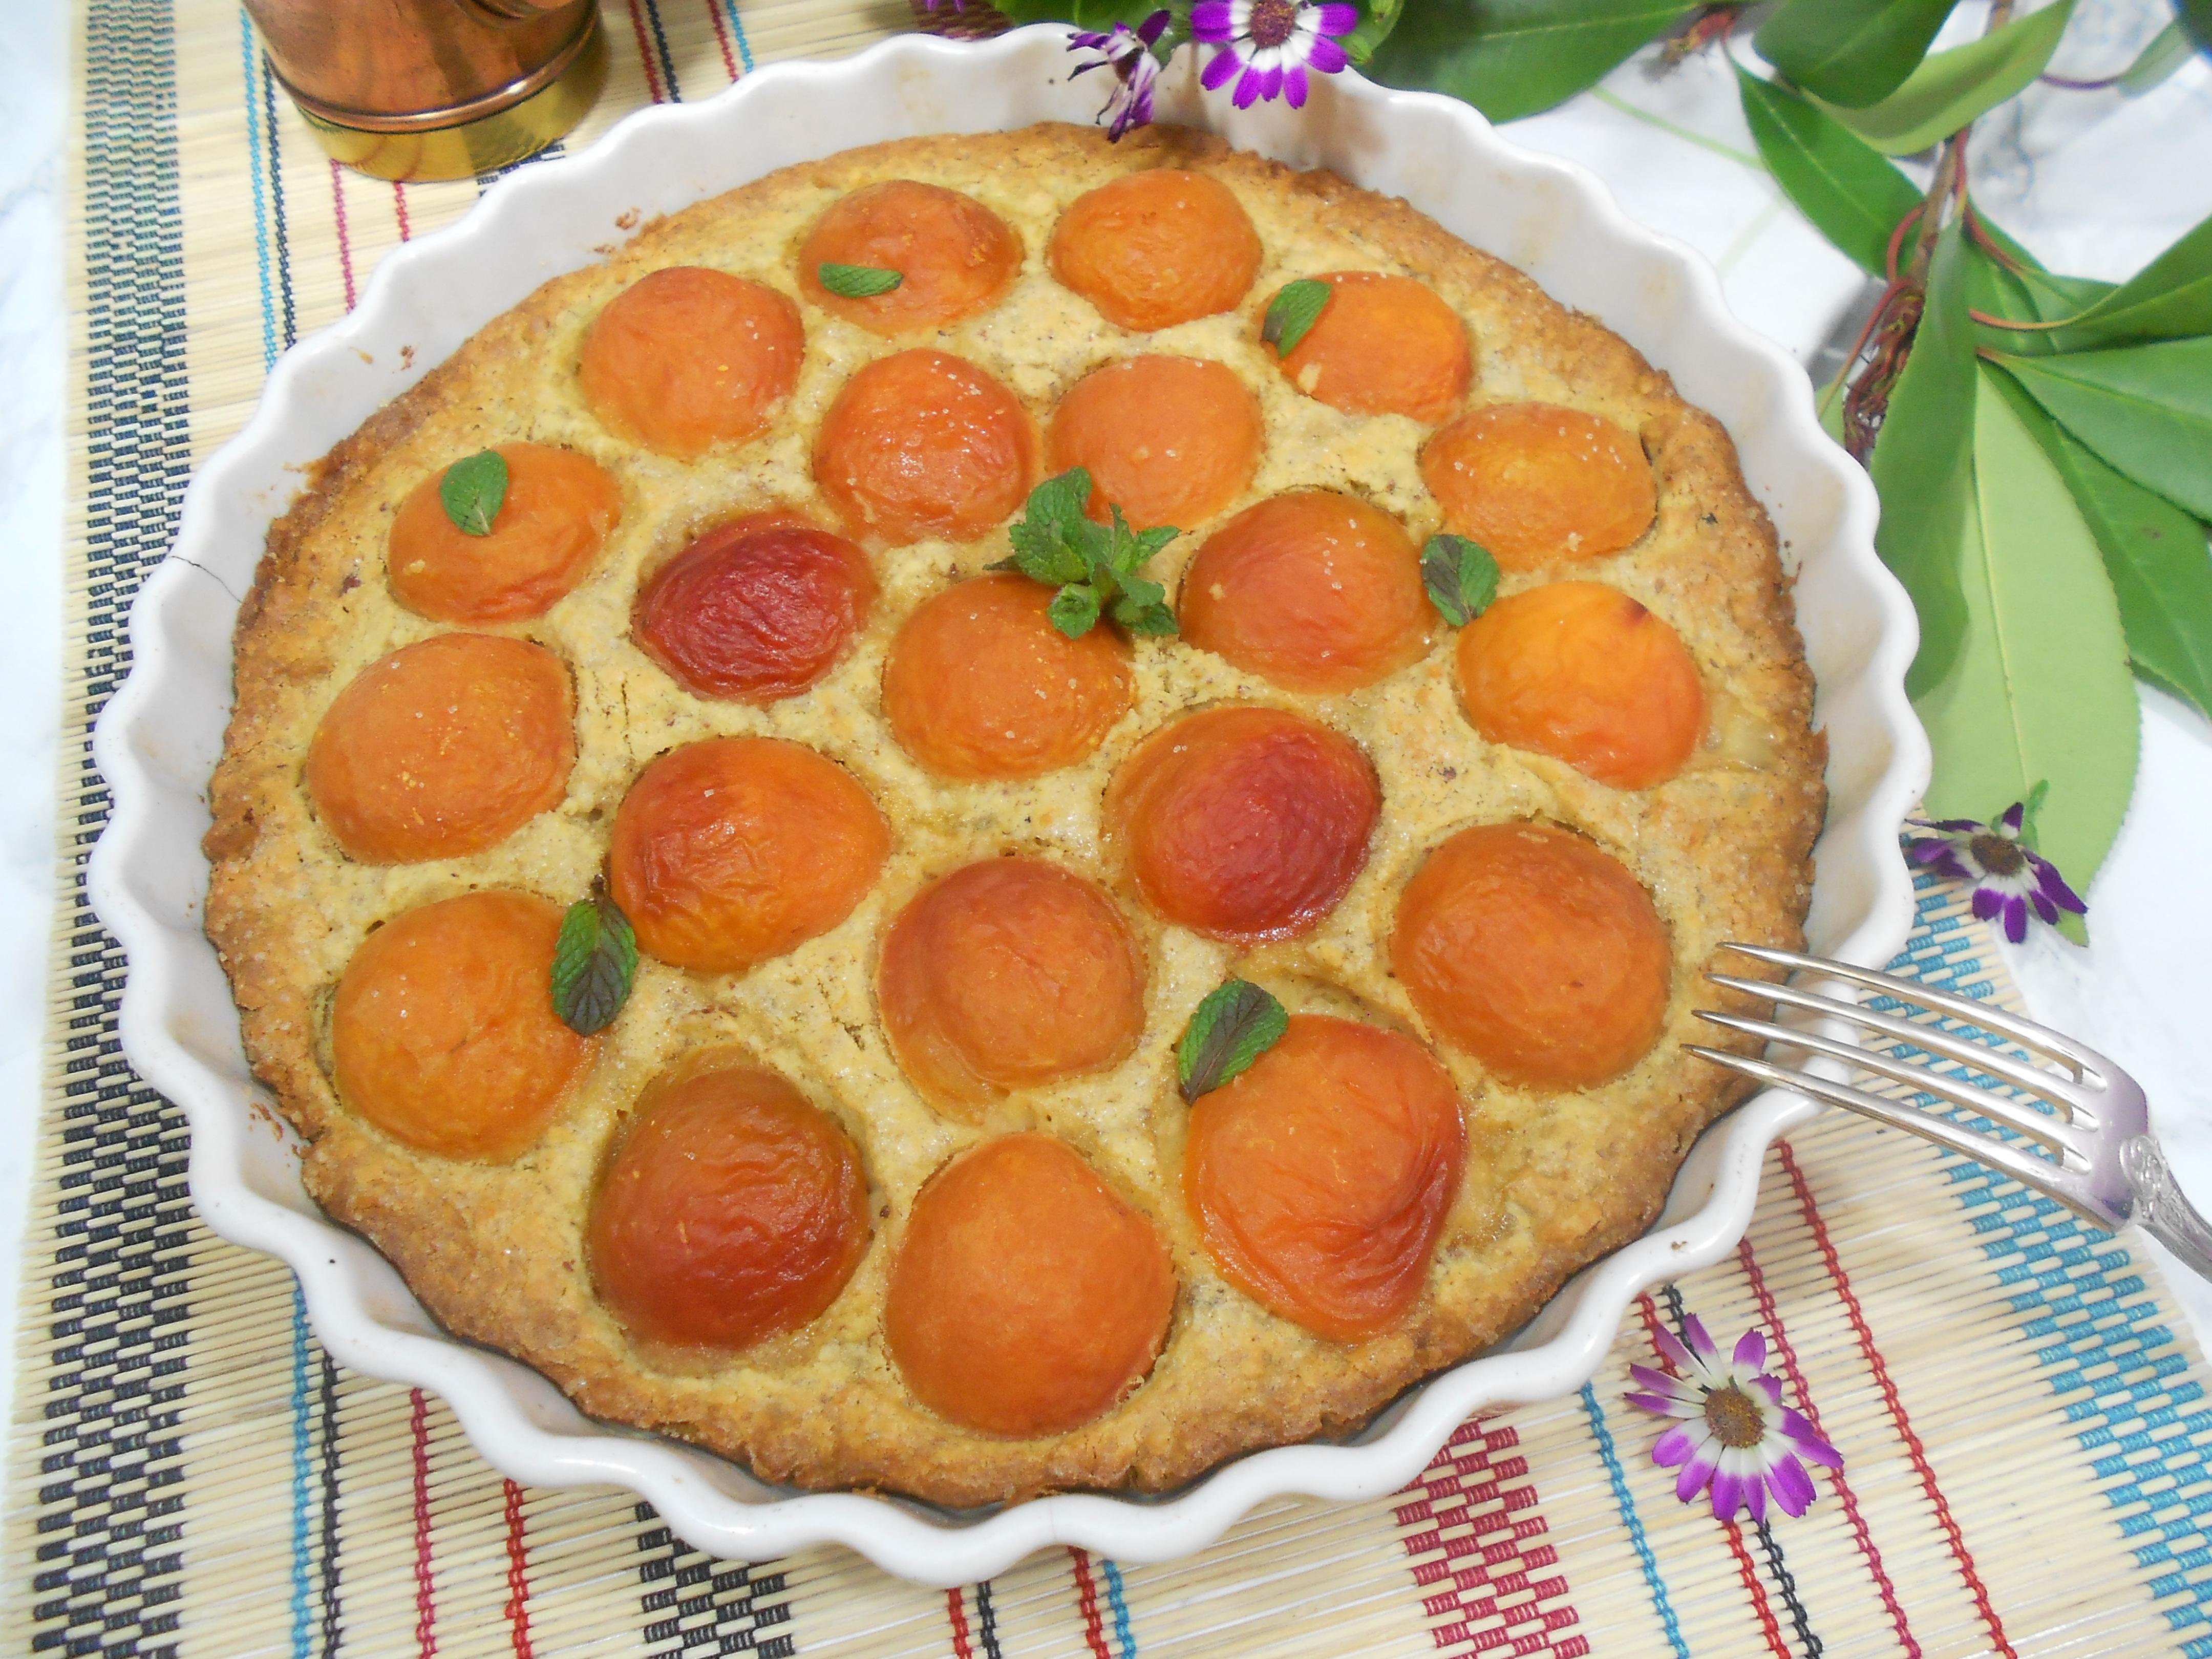 recette saine et gourmande de tatre aux abricots